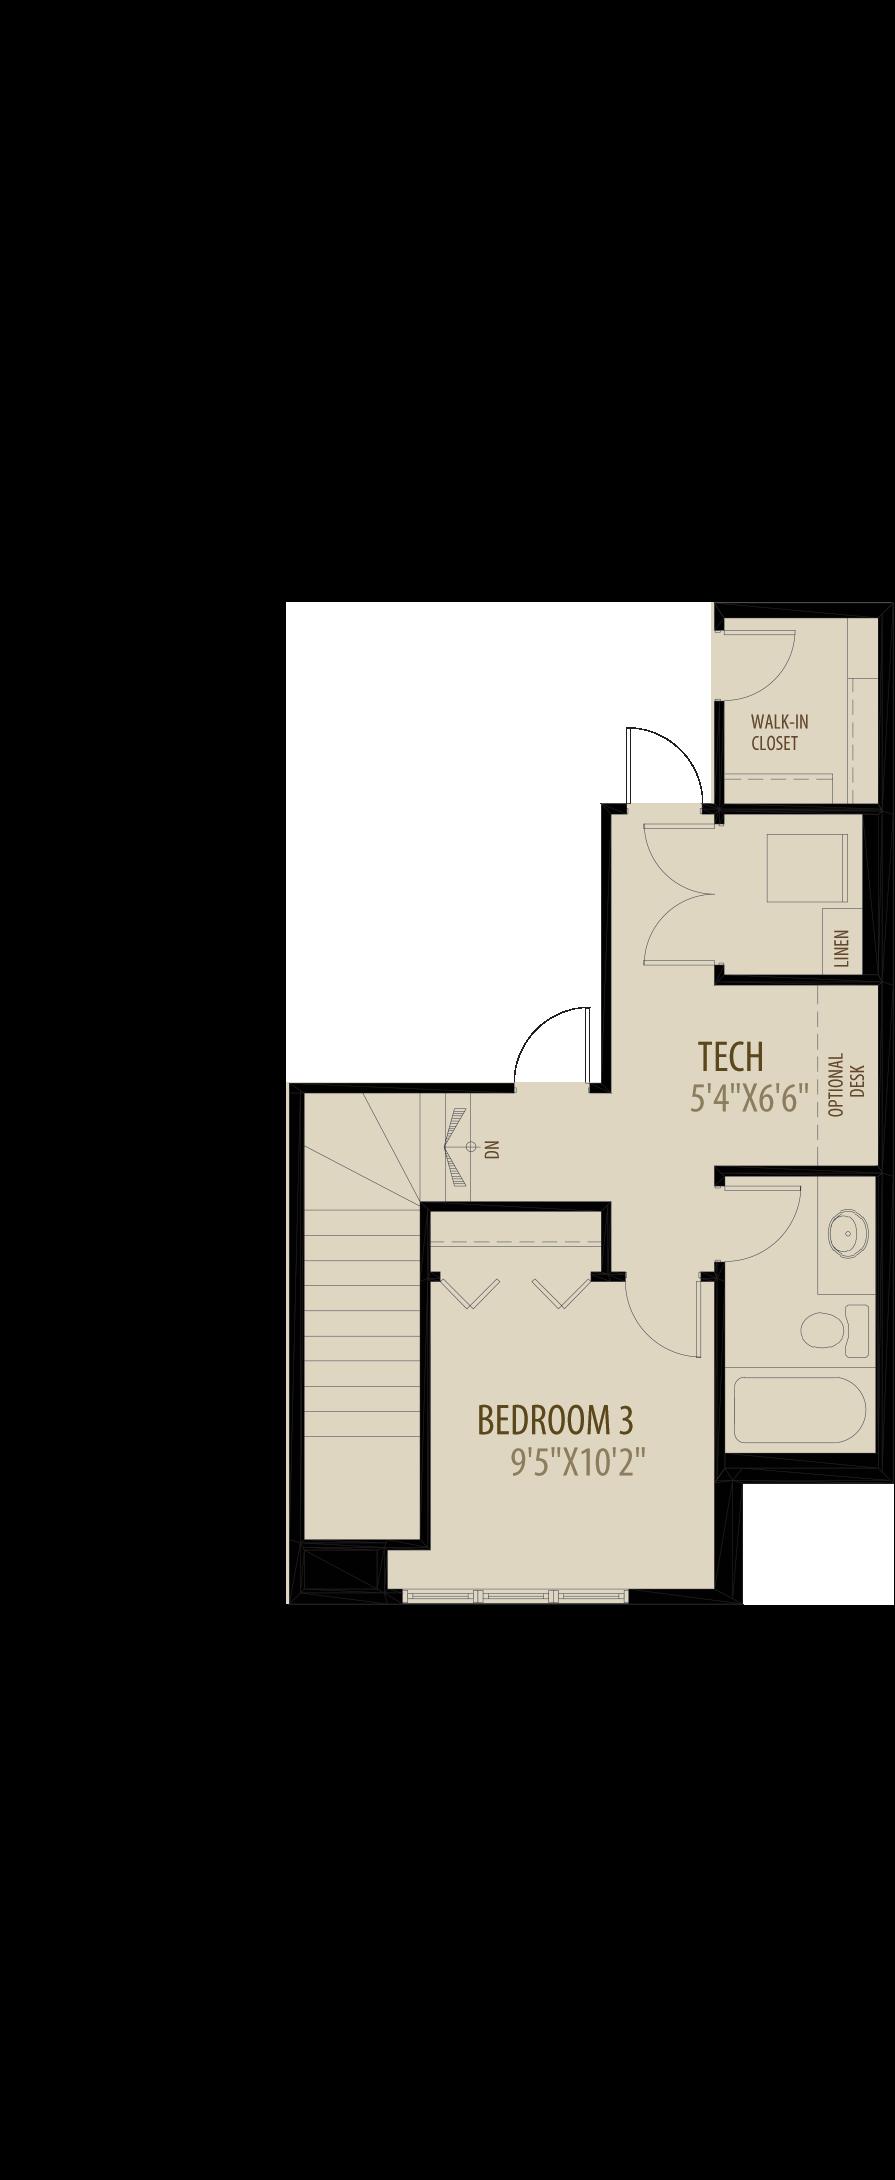 Tech Area